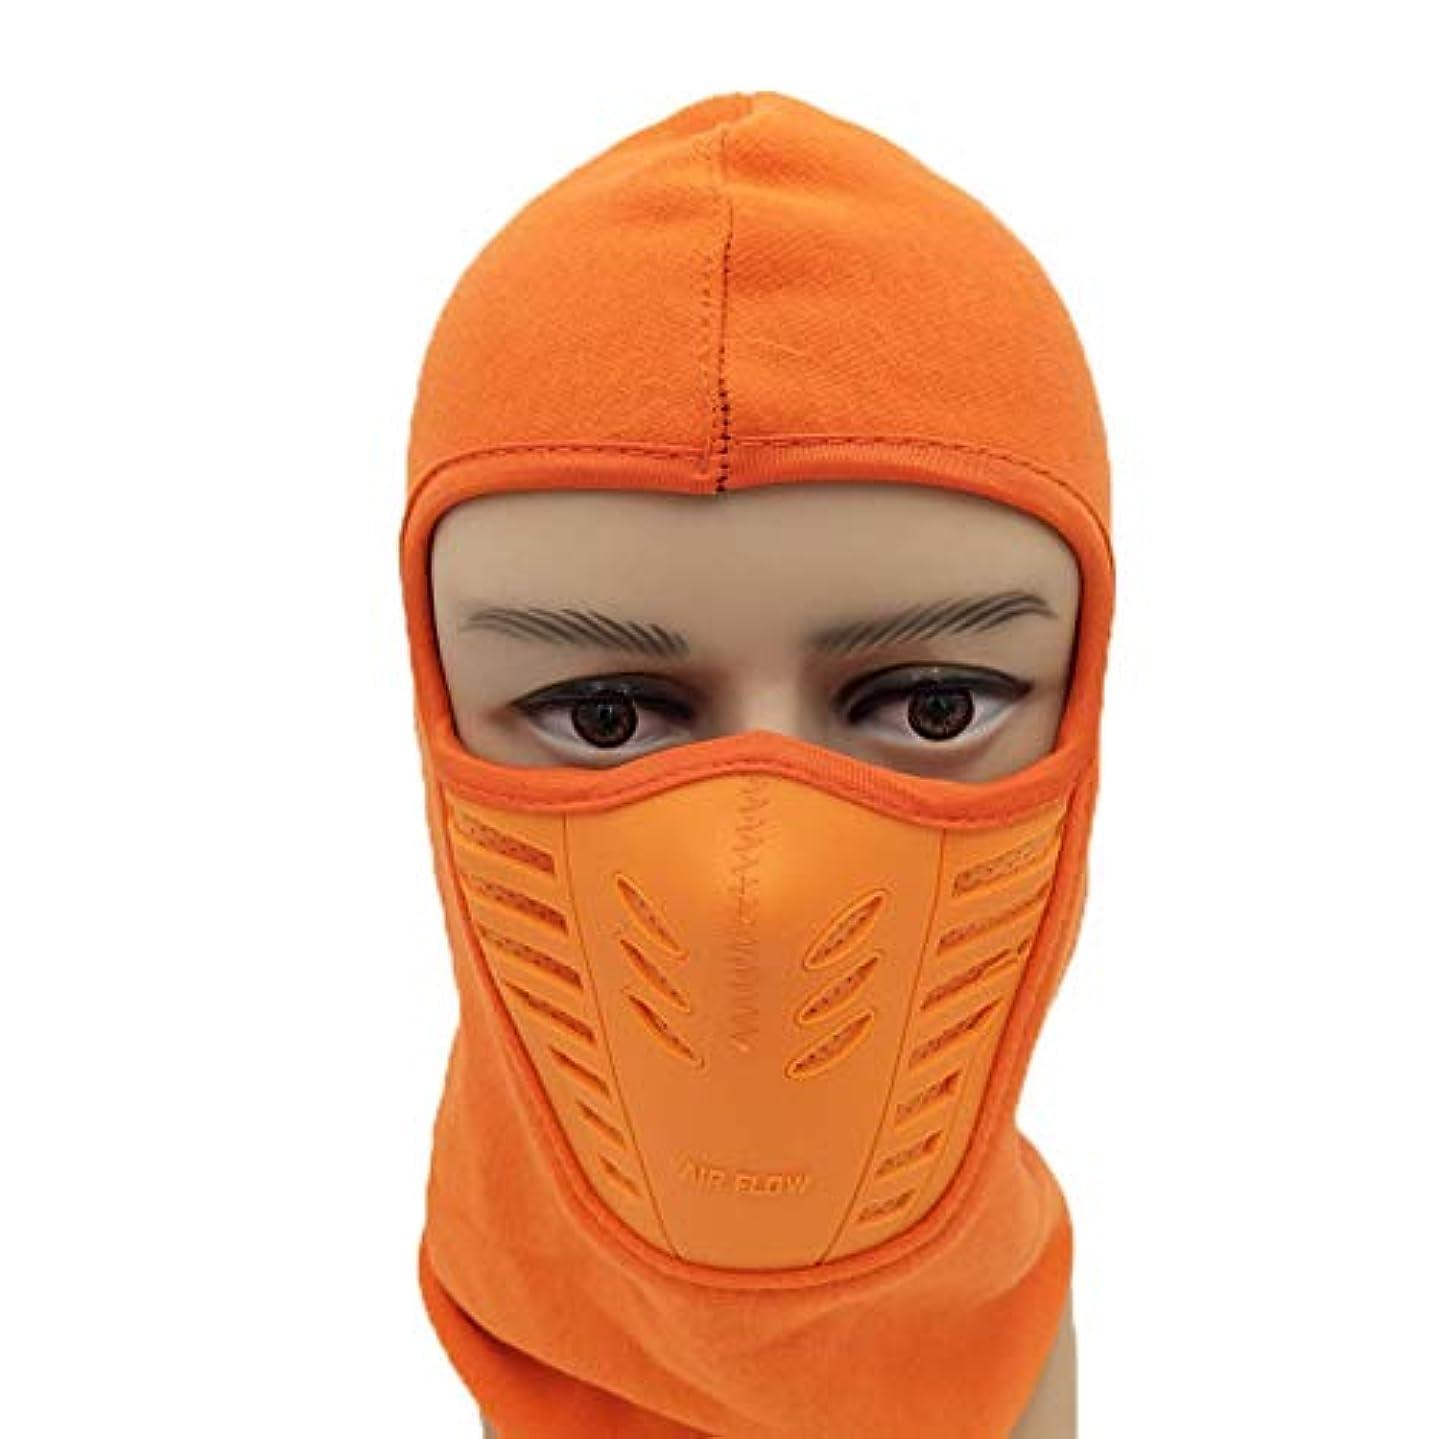 実行可能レイプ超音速CoolTack ウィンターフリースネックウォーマー、フェイスマスクカバー、厚手ロングネックガーターチューブ、ビーニーネックウォーマーフード、ウィンターアウトドアスポーツマスク防風フード帽子